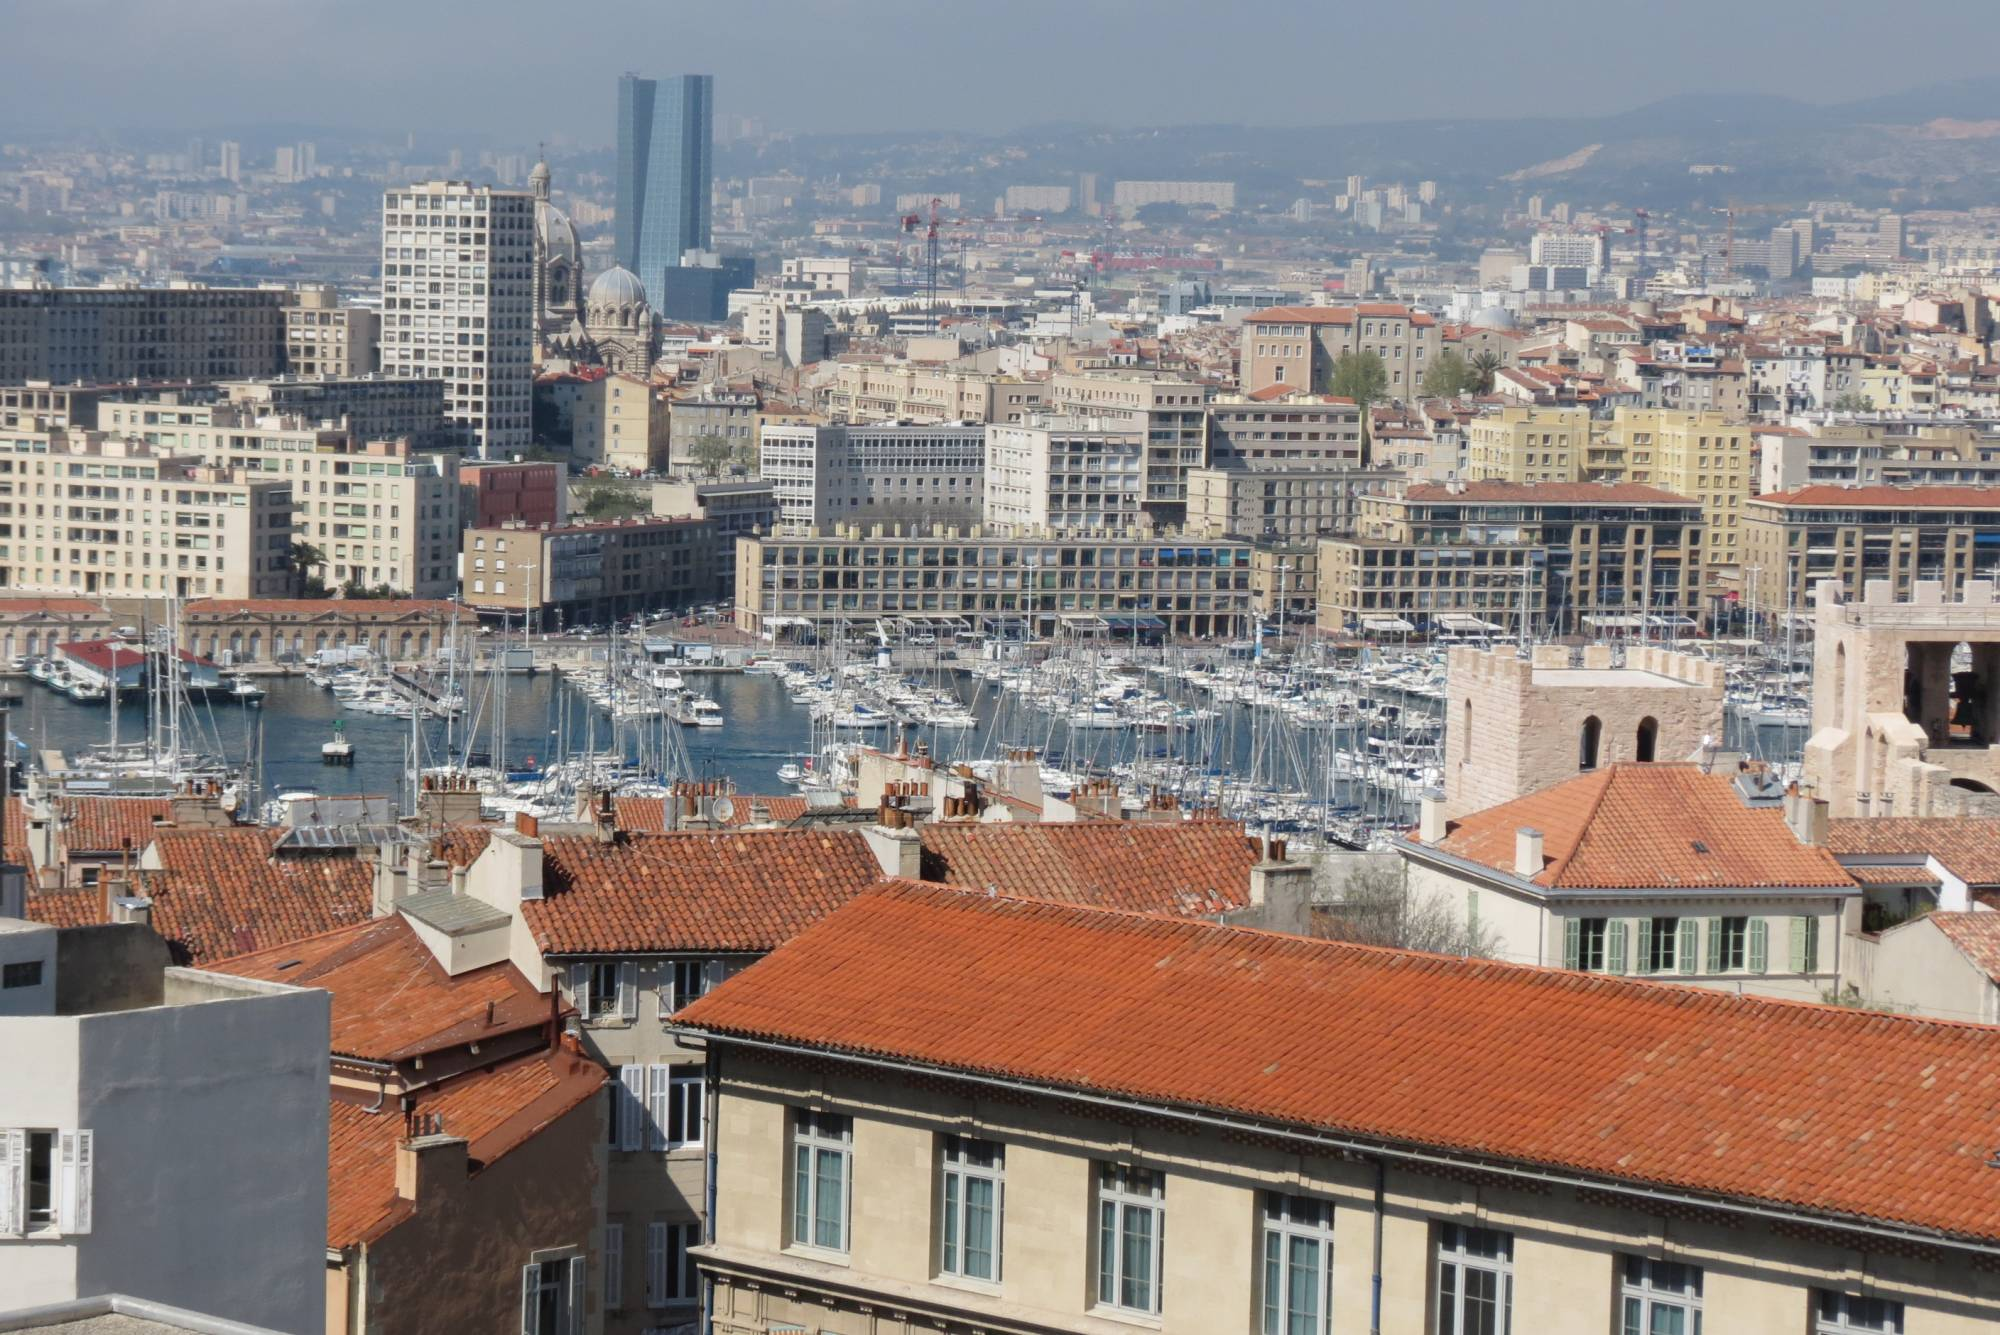 Vente penthouse t3 f3 marseille 7eme st victor terrasse et for Vente appartement toit terrasse marseille